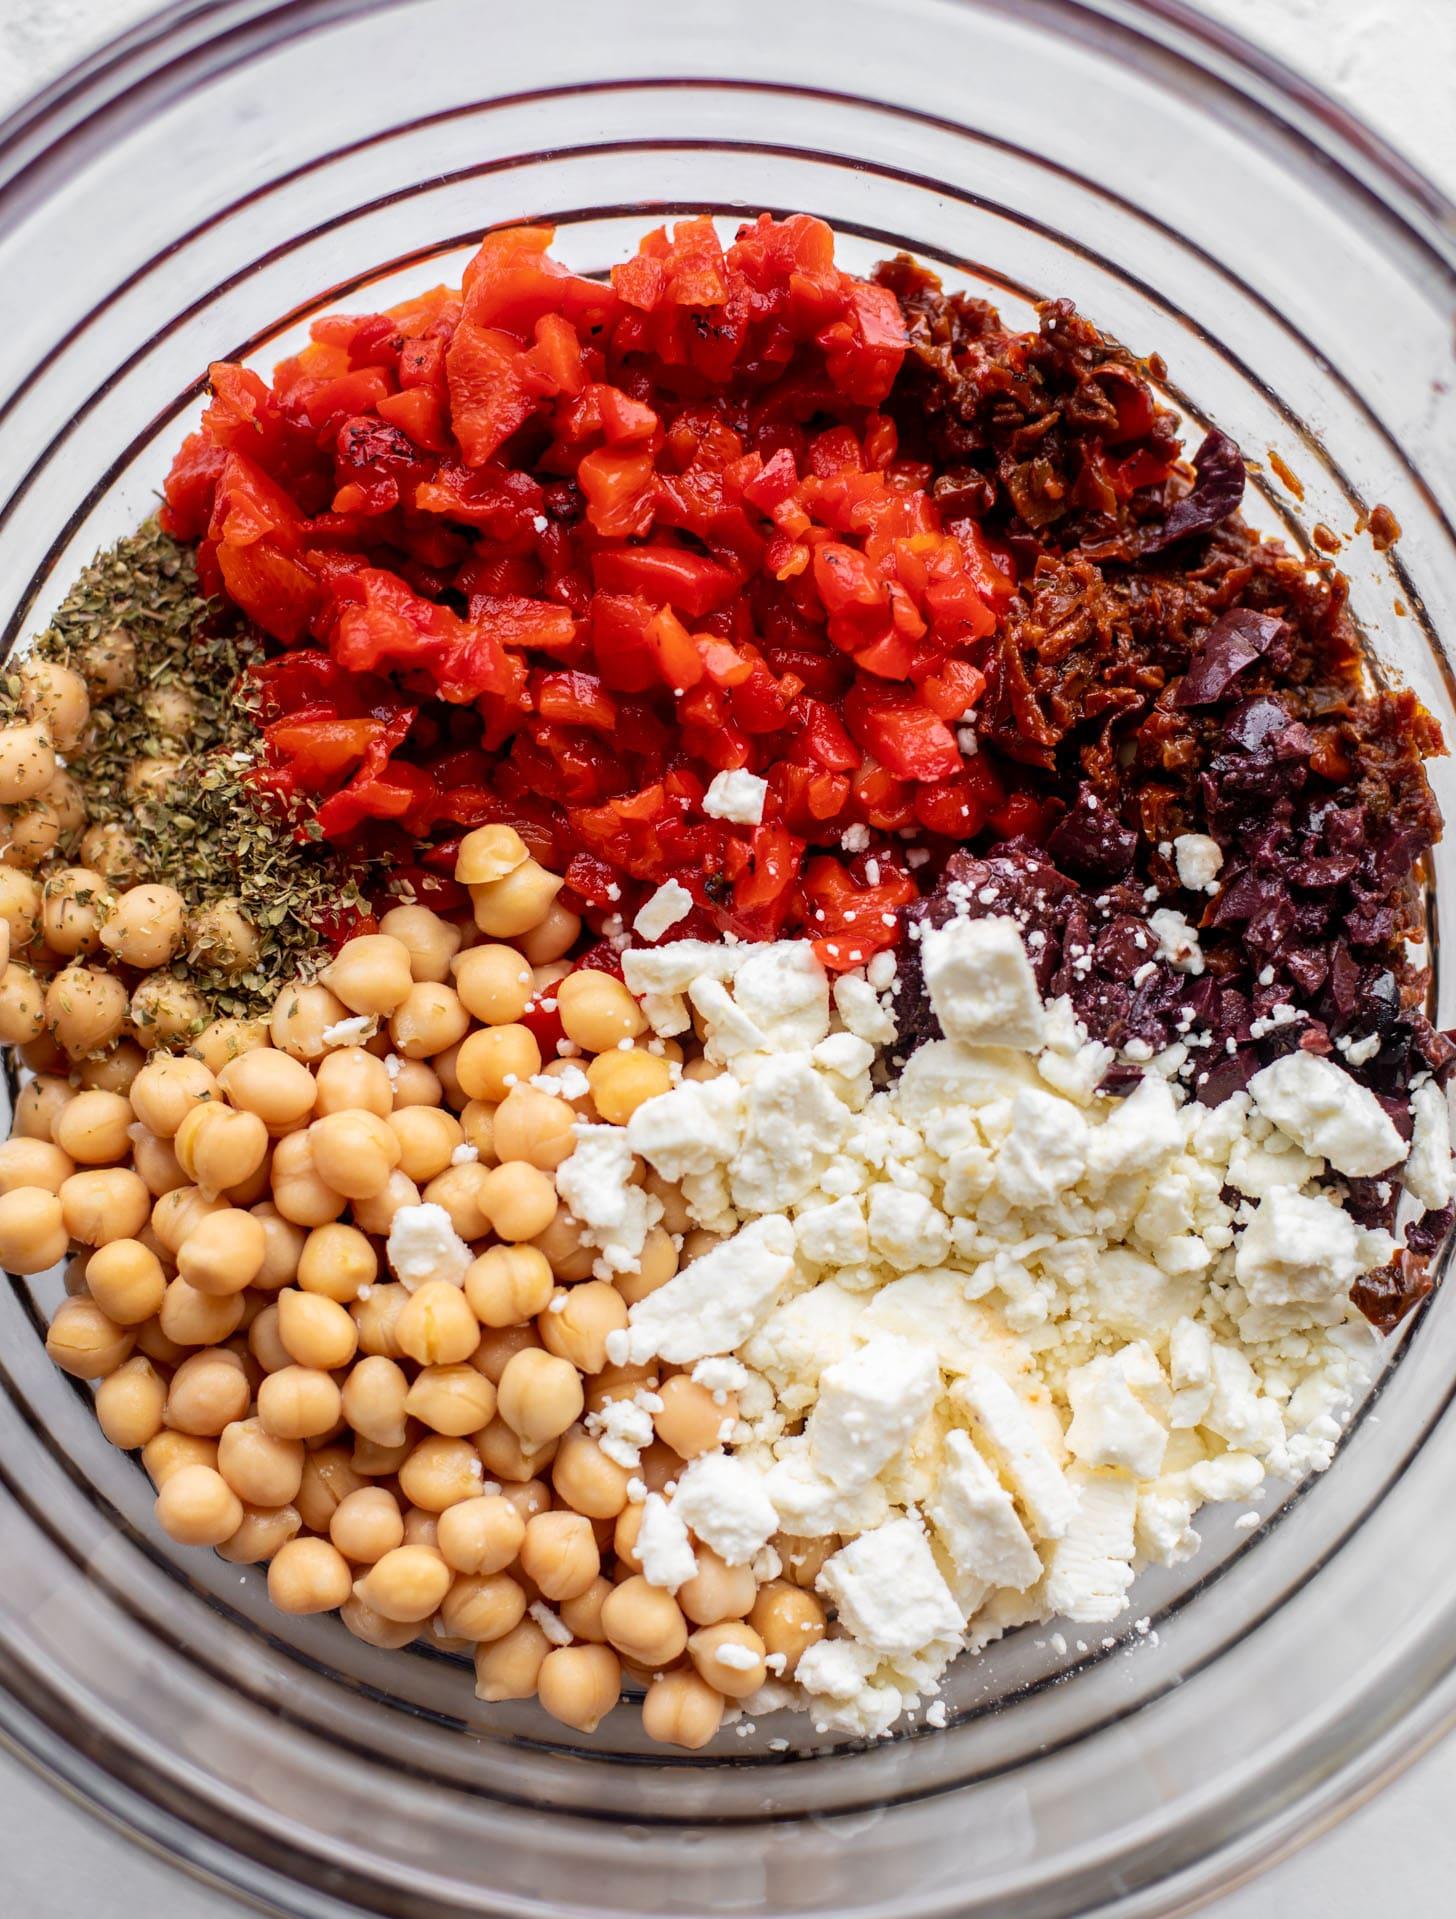 pimientos rojos asados, tomates secados al sol, garbanzos, queso feta, especias